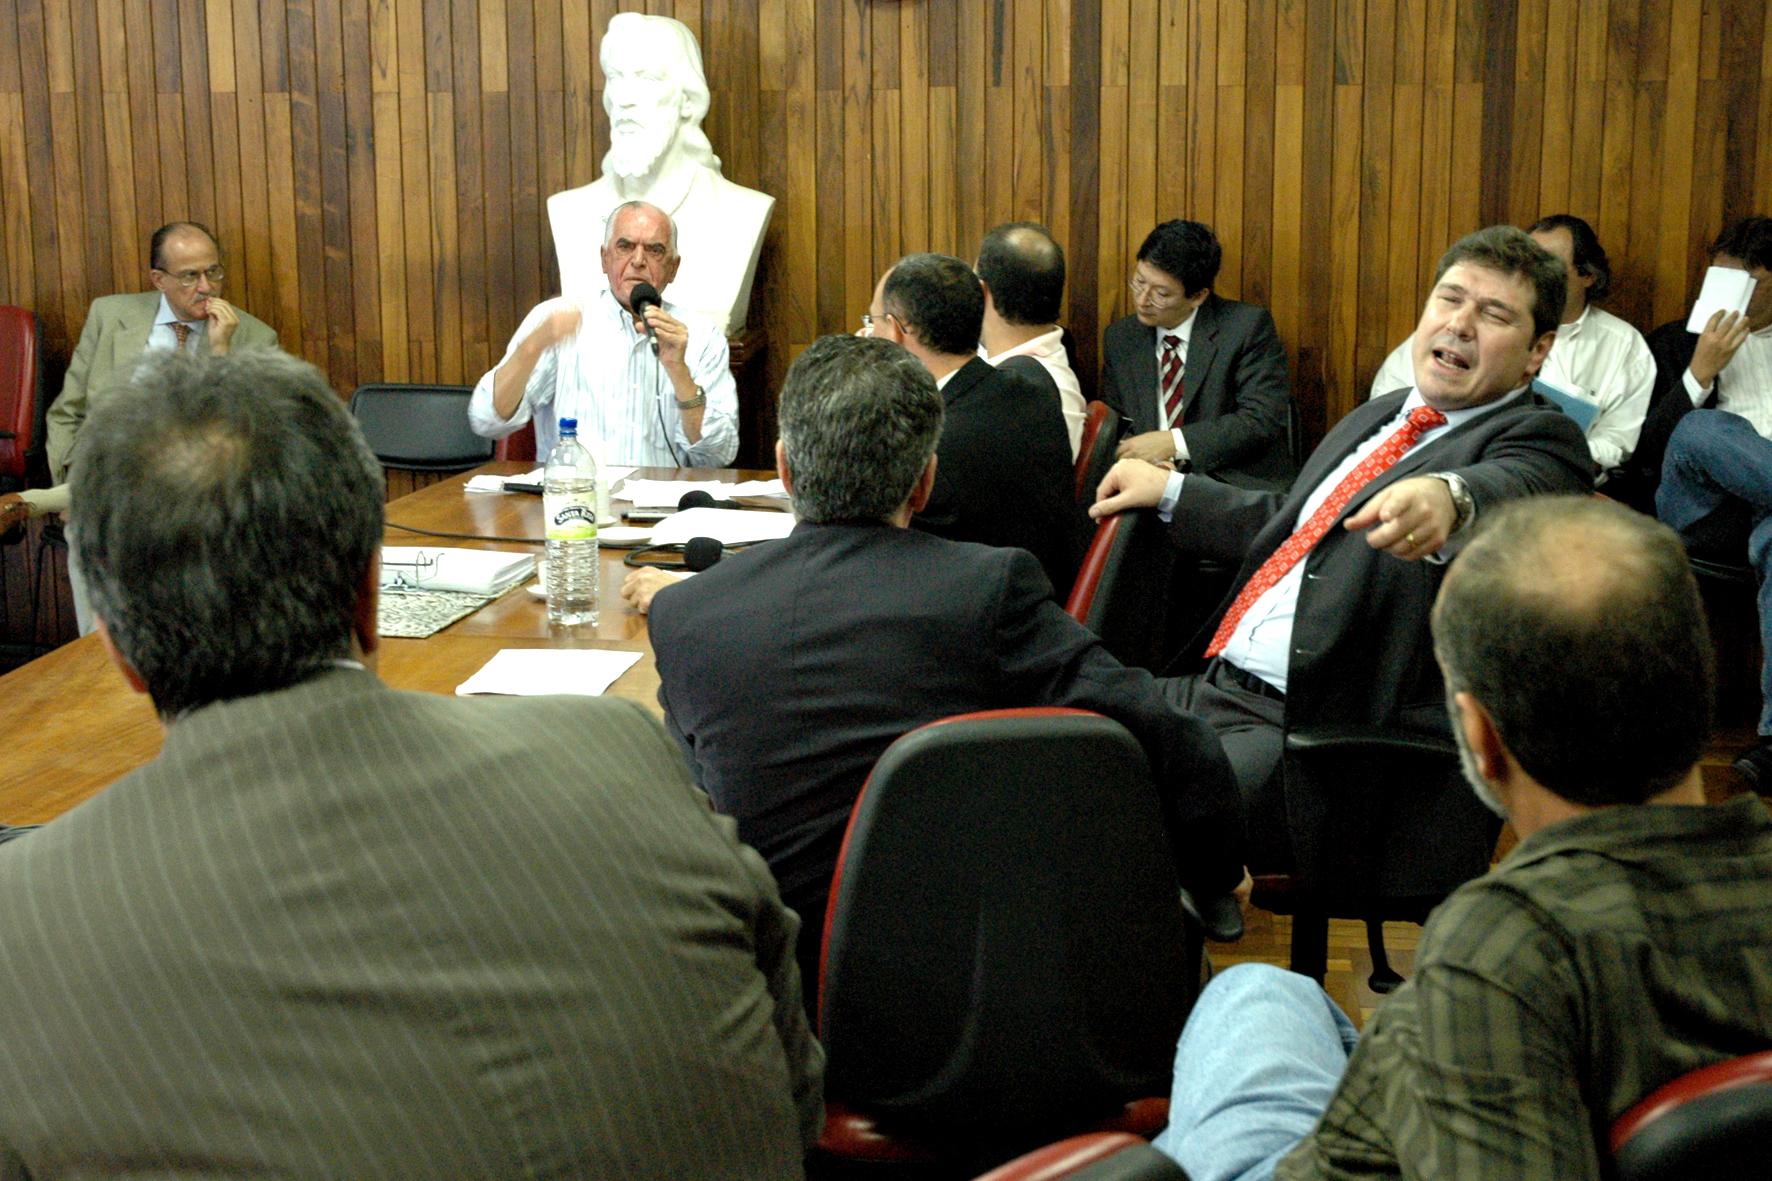 Polêmicas e debates dominaram a reunião